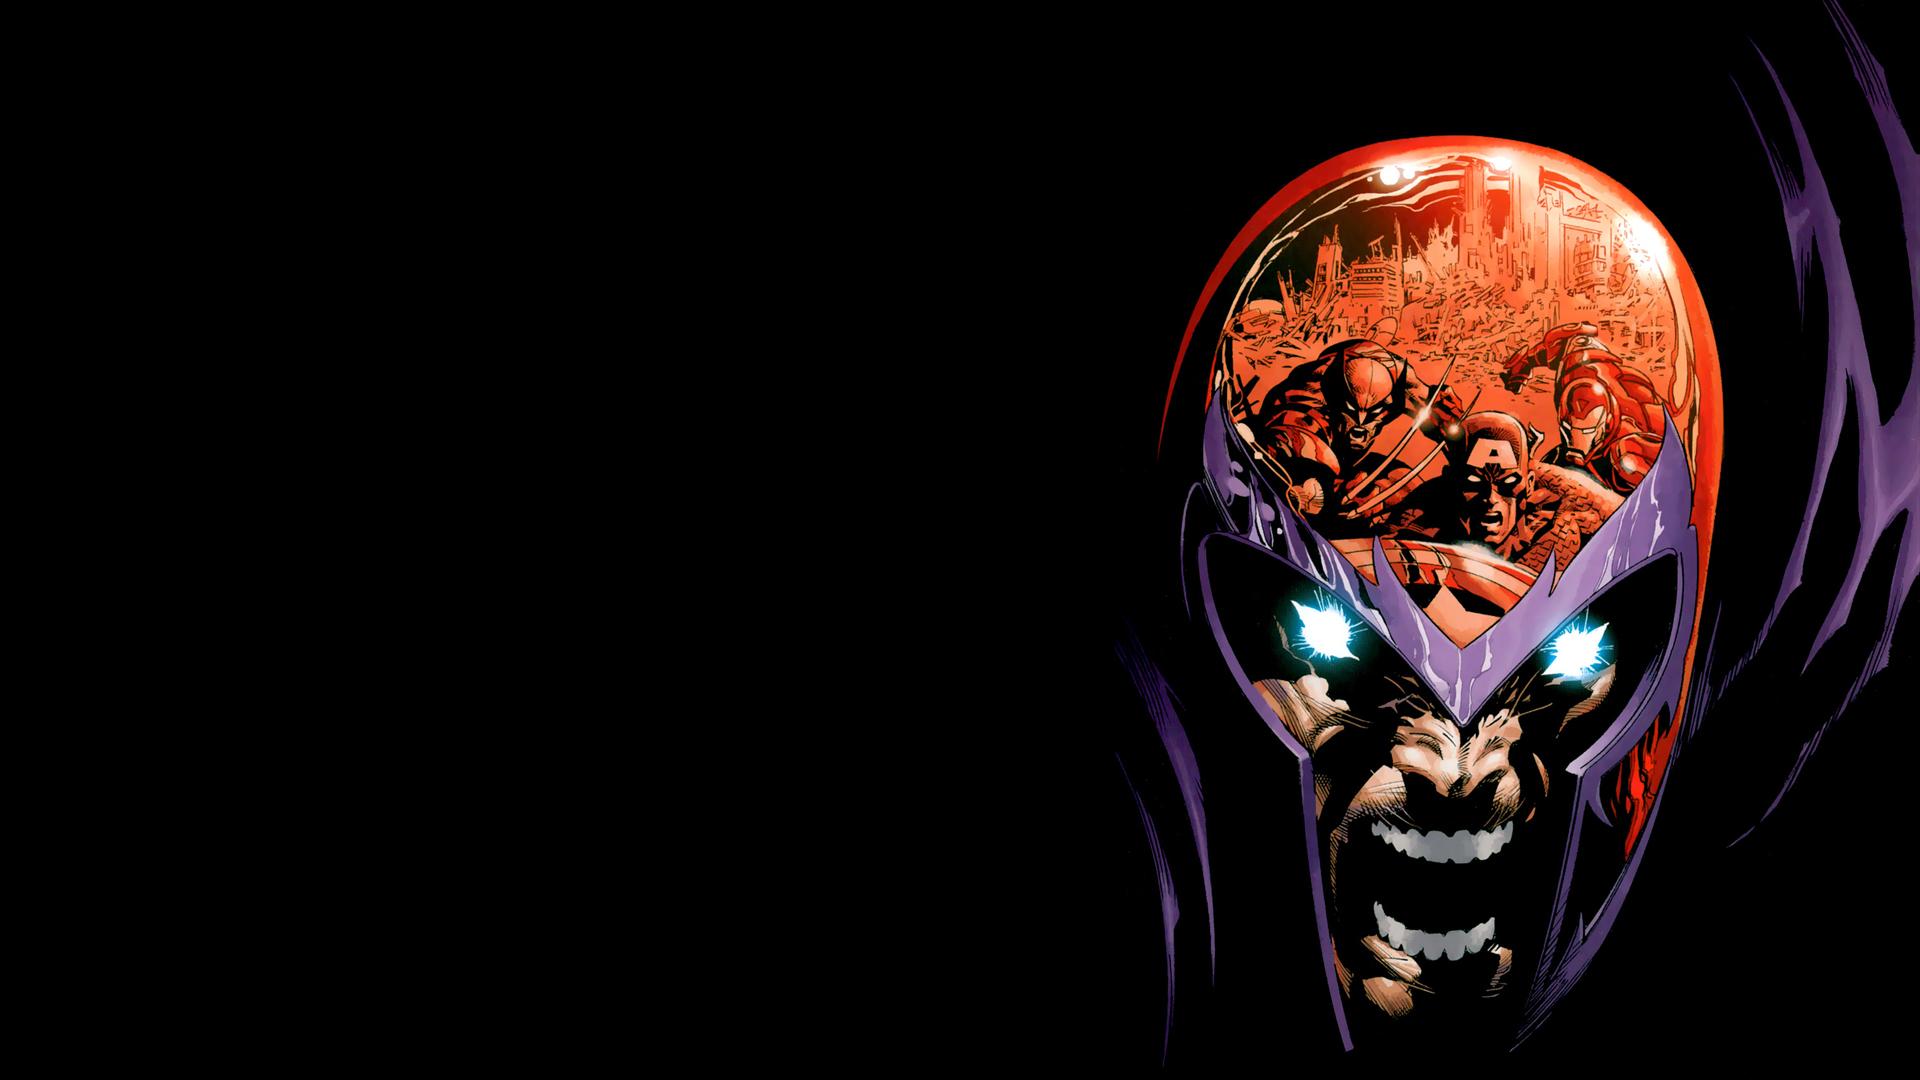 Marvel Wallpapers Heroes  HD Desktop 4k